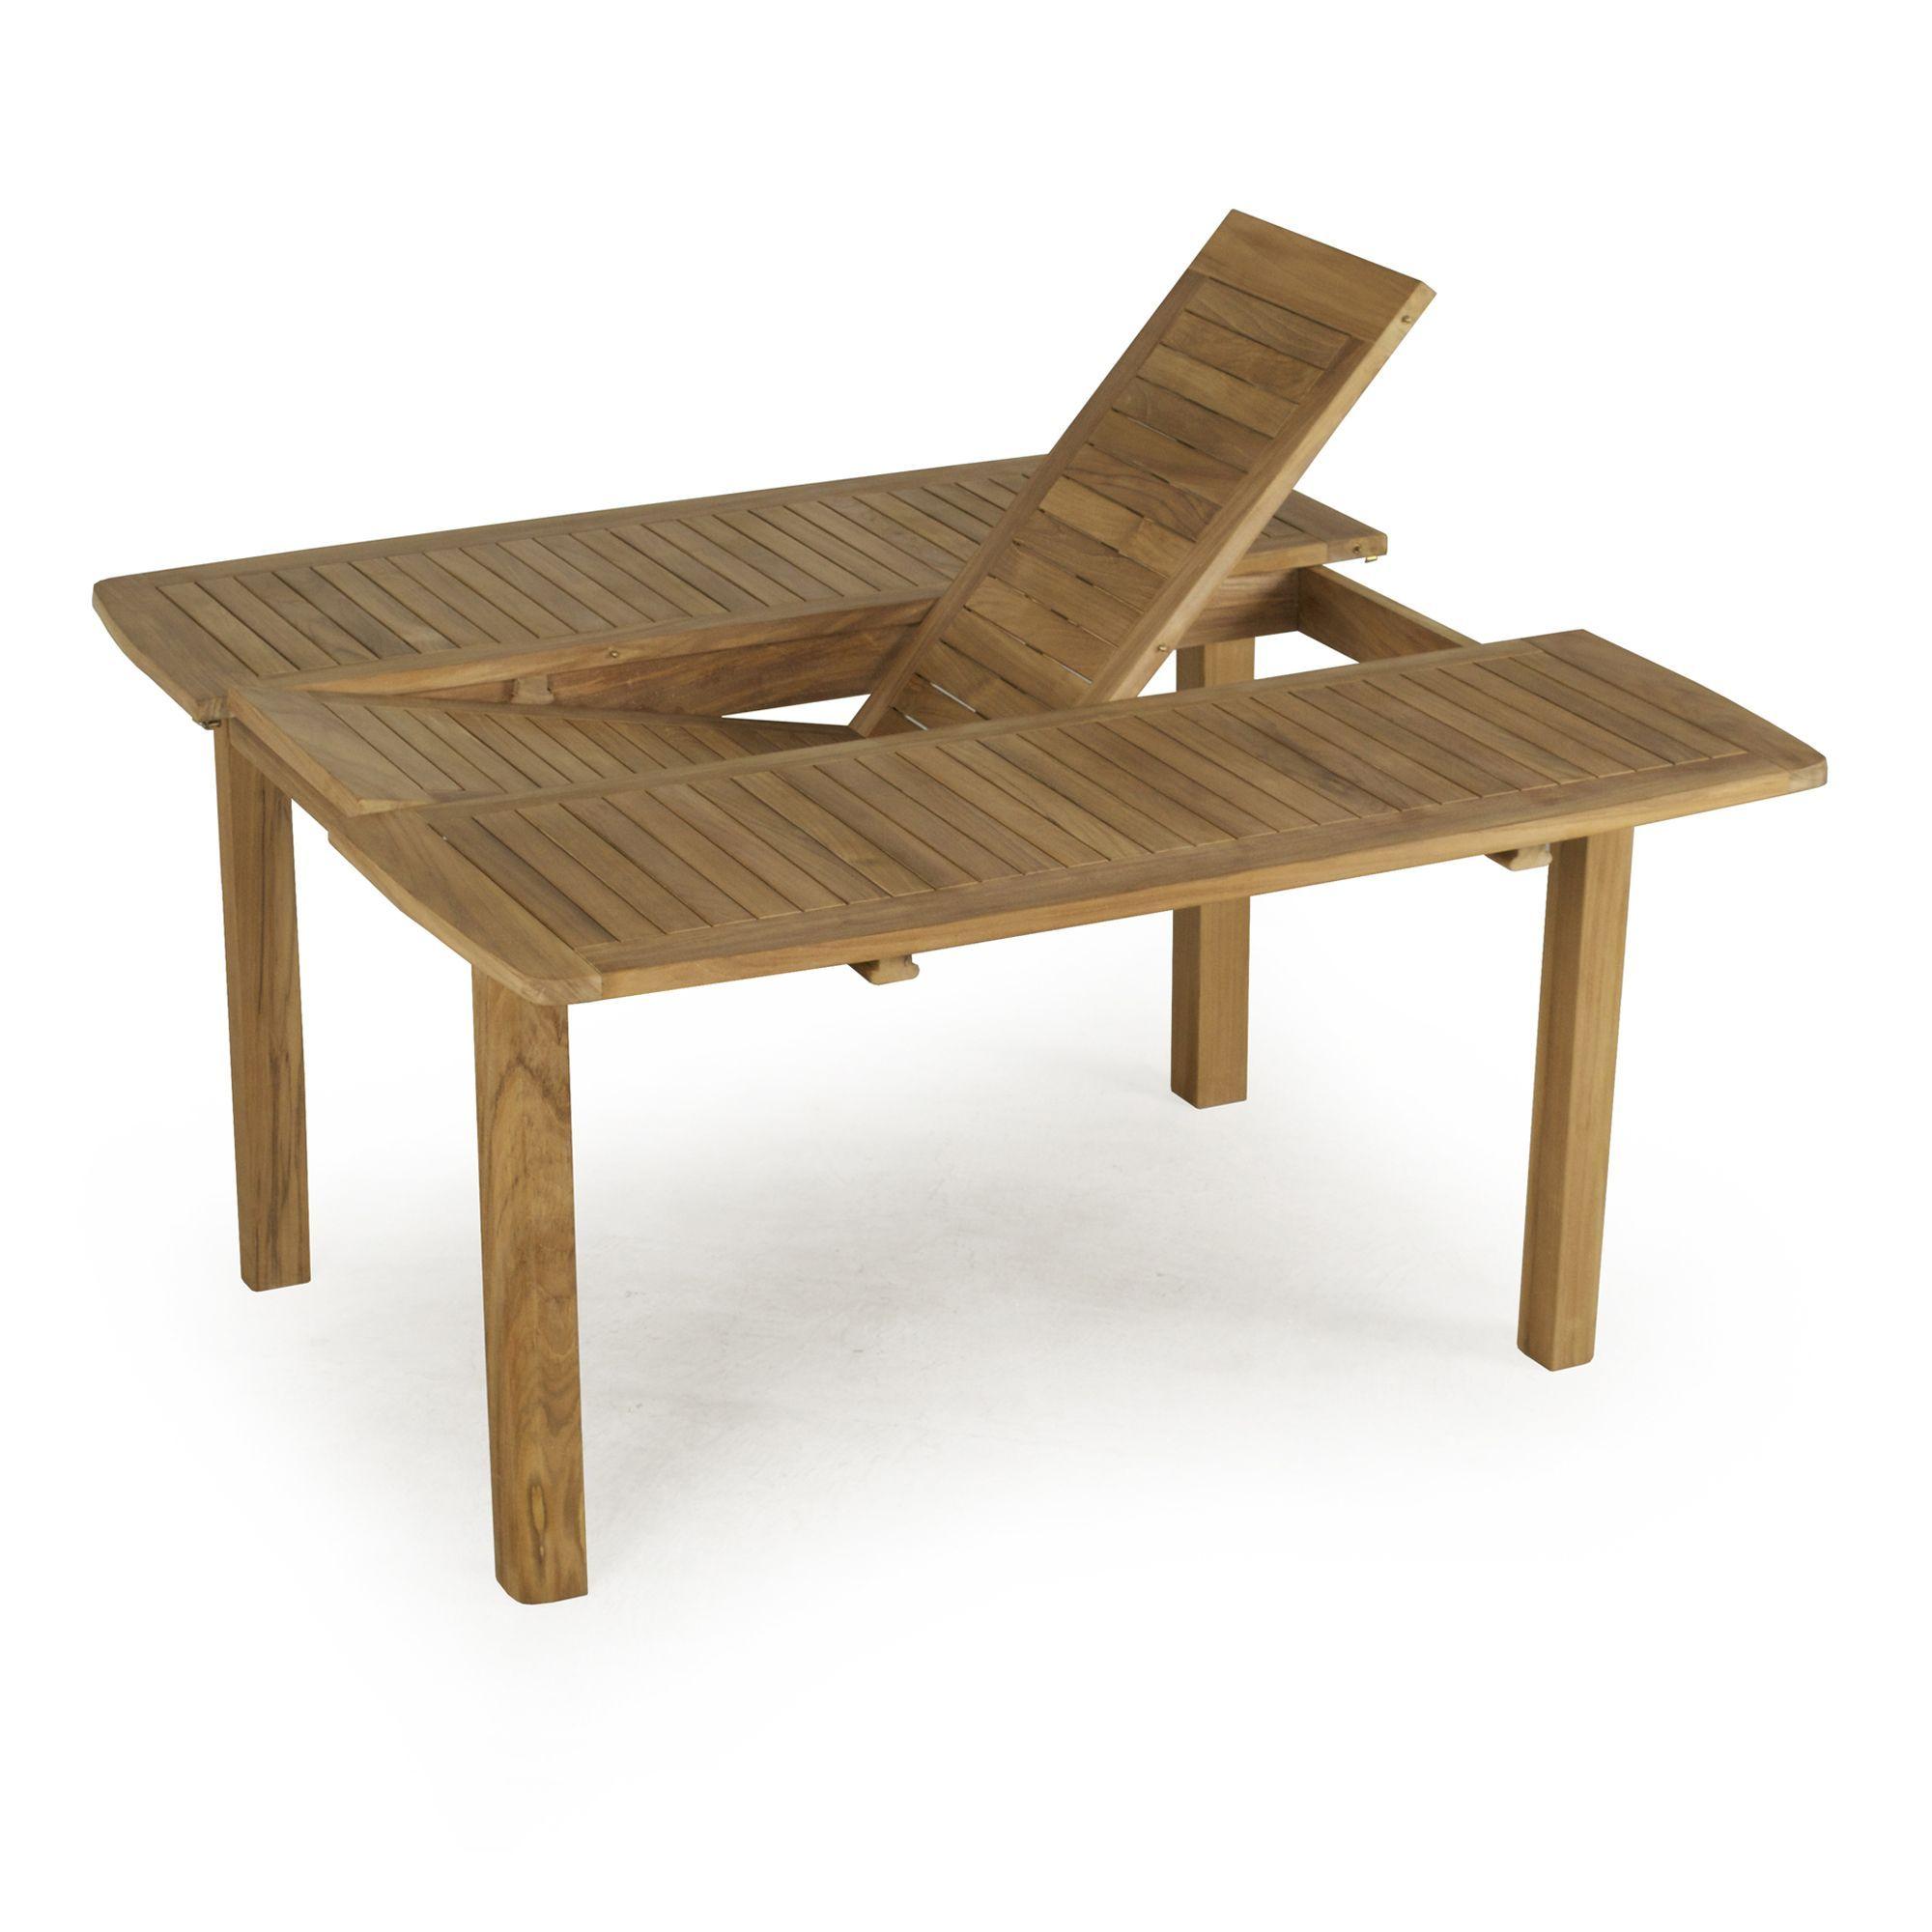 Table Rectangulaire Avec Rallonge Papillon - Atrium - Tables ... dedans Salon De Jardin Avec Rallonge